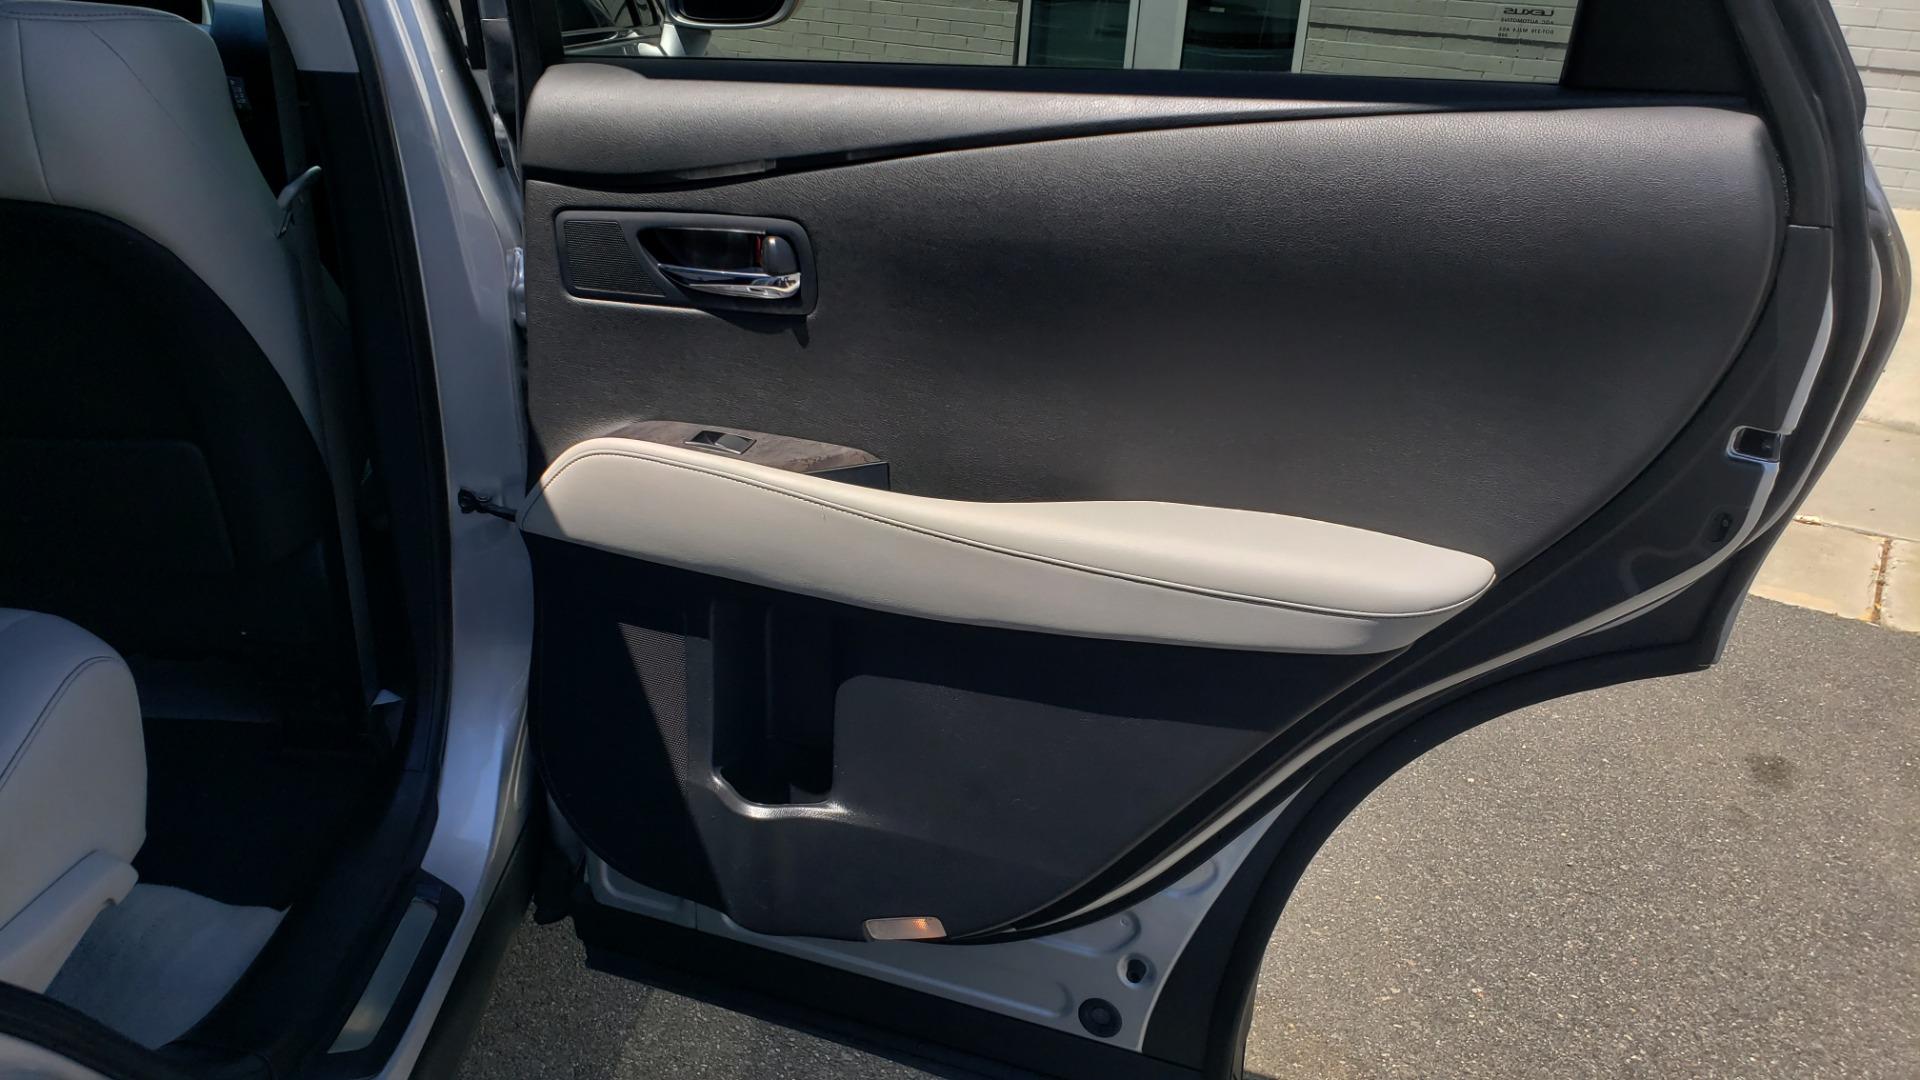 Used 2015 Lexus RX 450H AWD / PREM PKG / NAV / PARK ASST / HUD / BLIND SPOT MONITOR for sale Sold at Formula Imports in Charlotte NC 28227 75